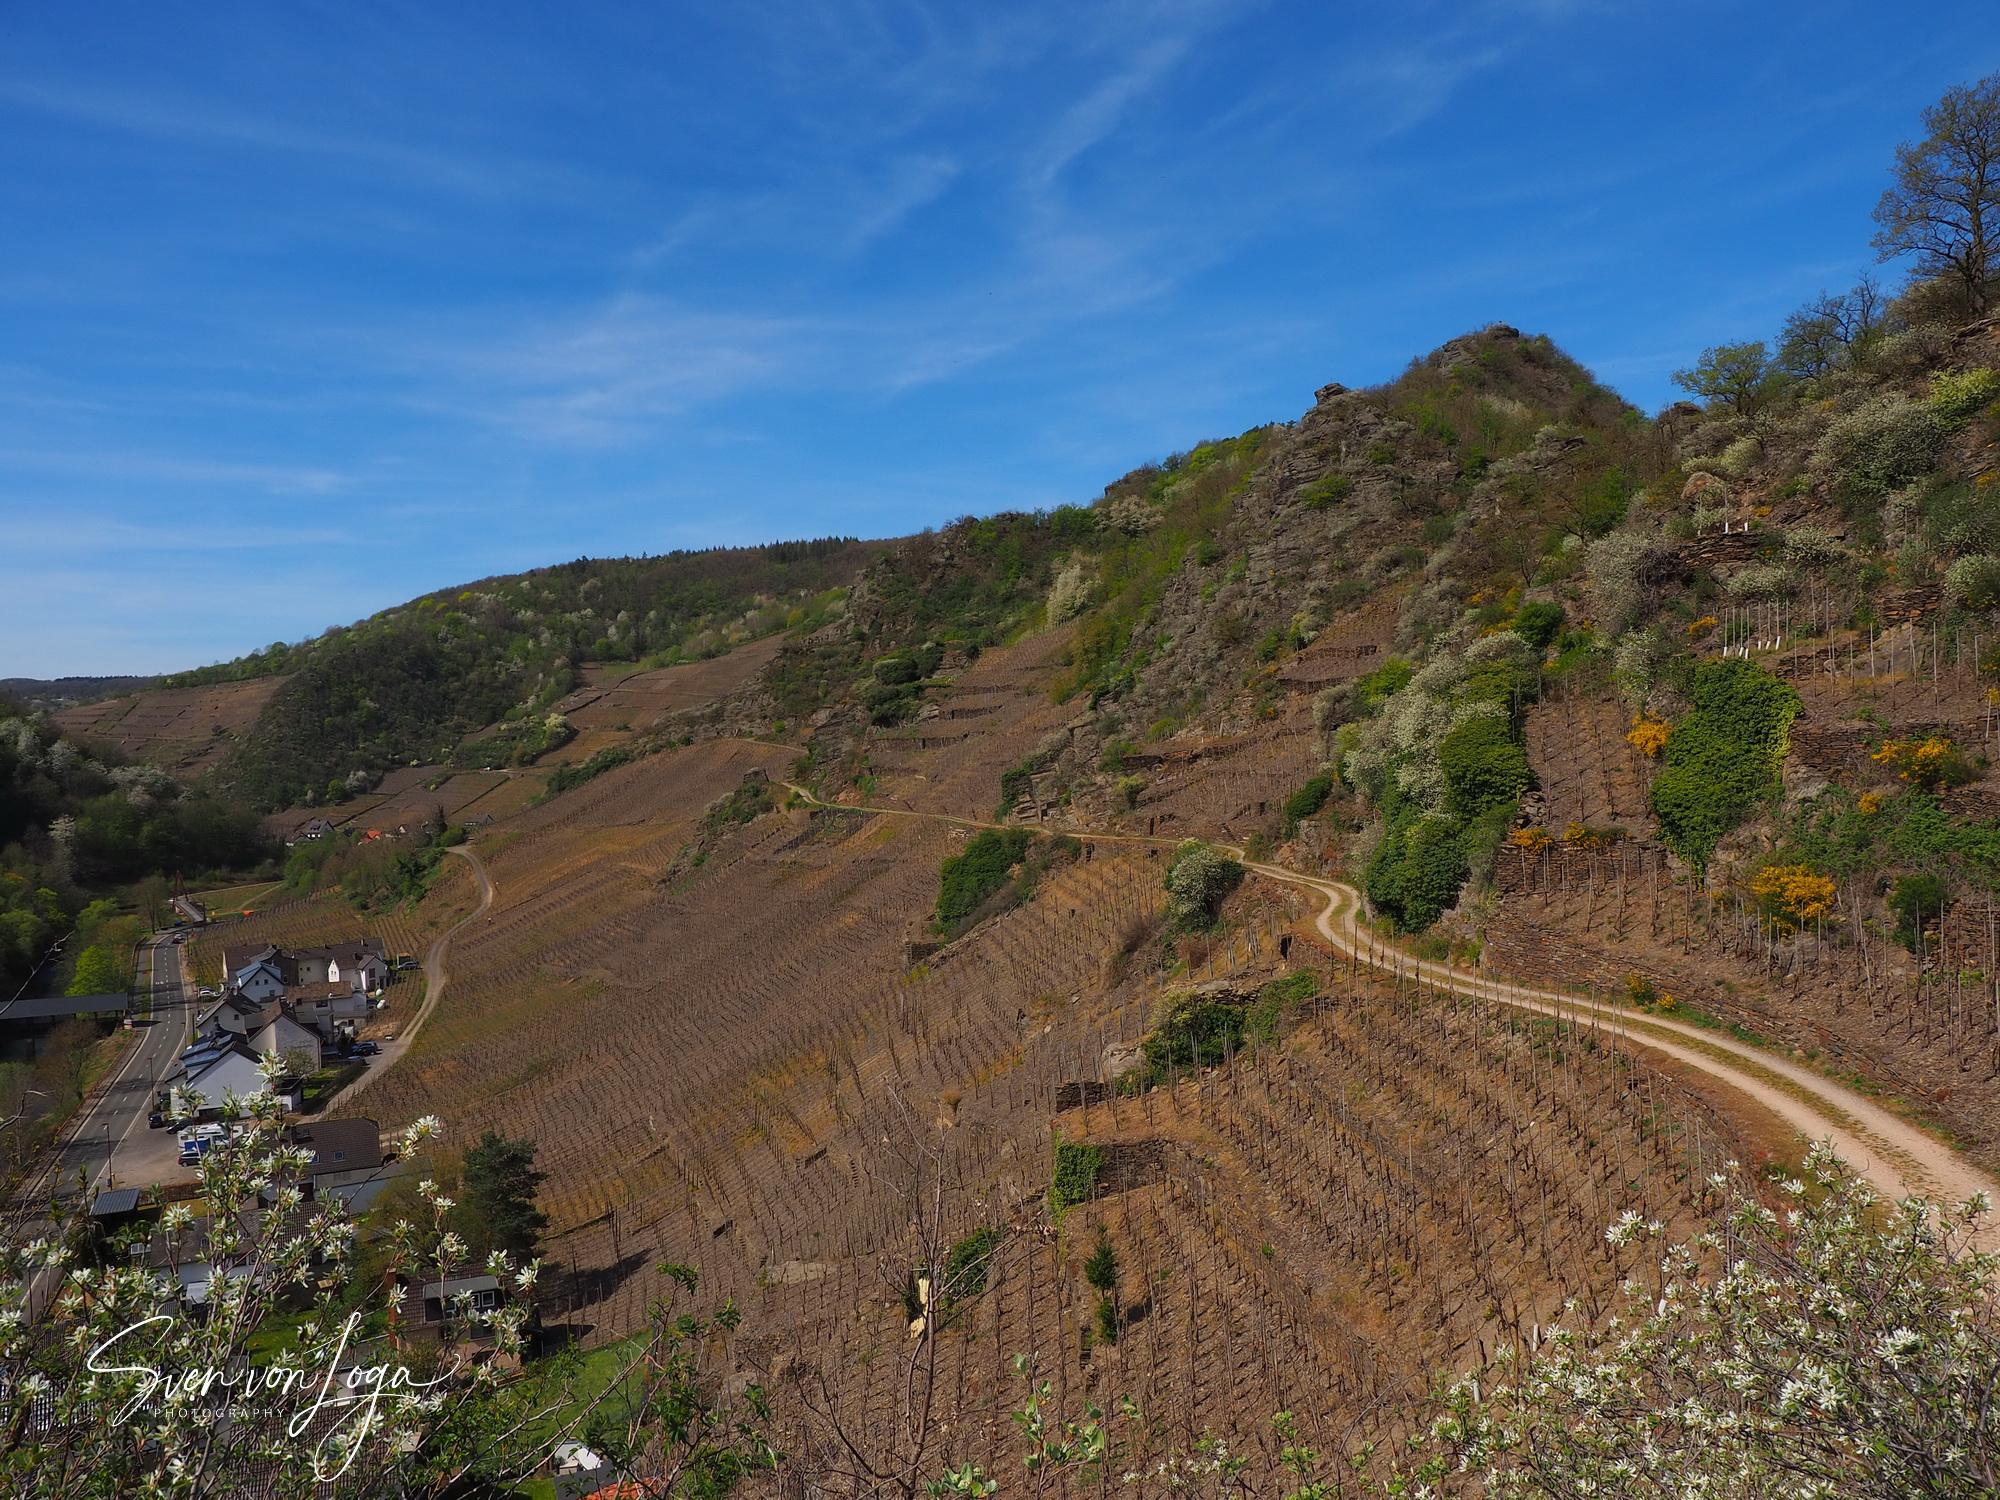 Schroffe Felsenlandschaft über Mayschoß an der Ahr